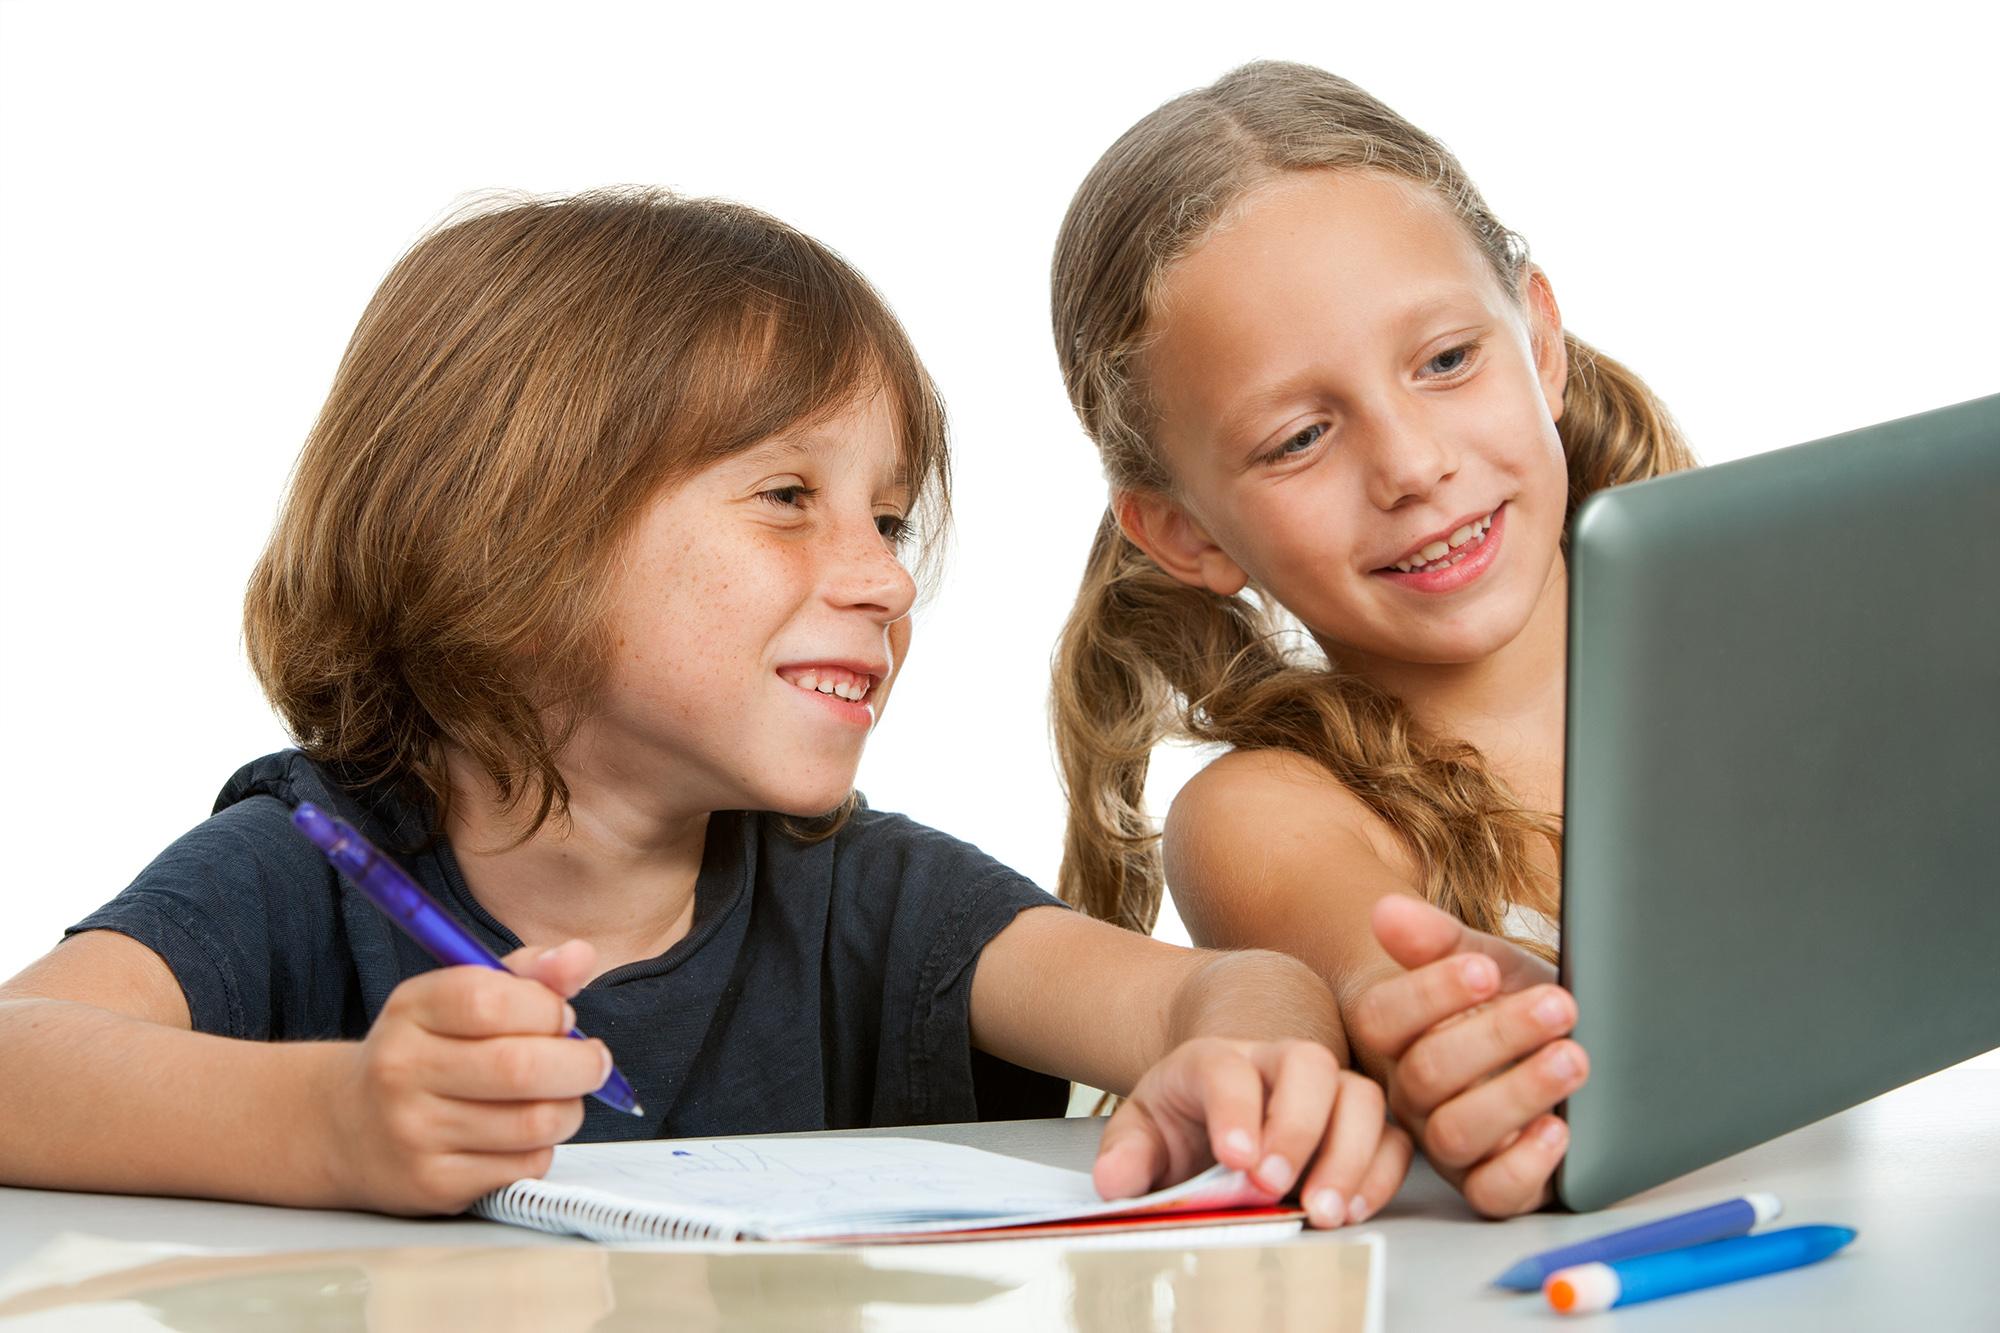 De ce aici copiii sunt motivați să învețe